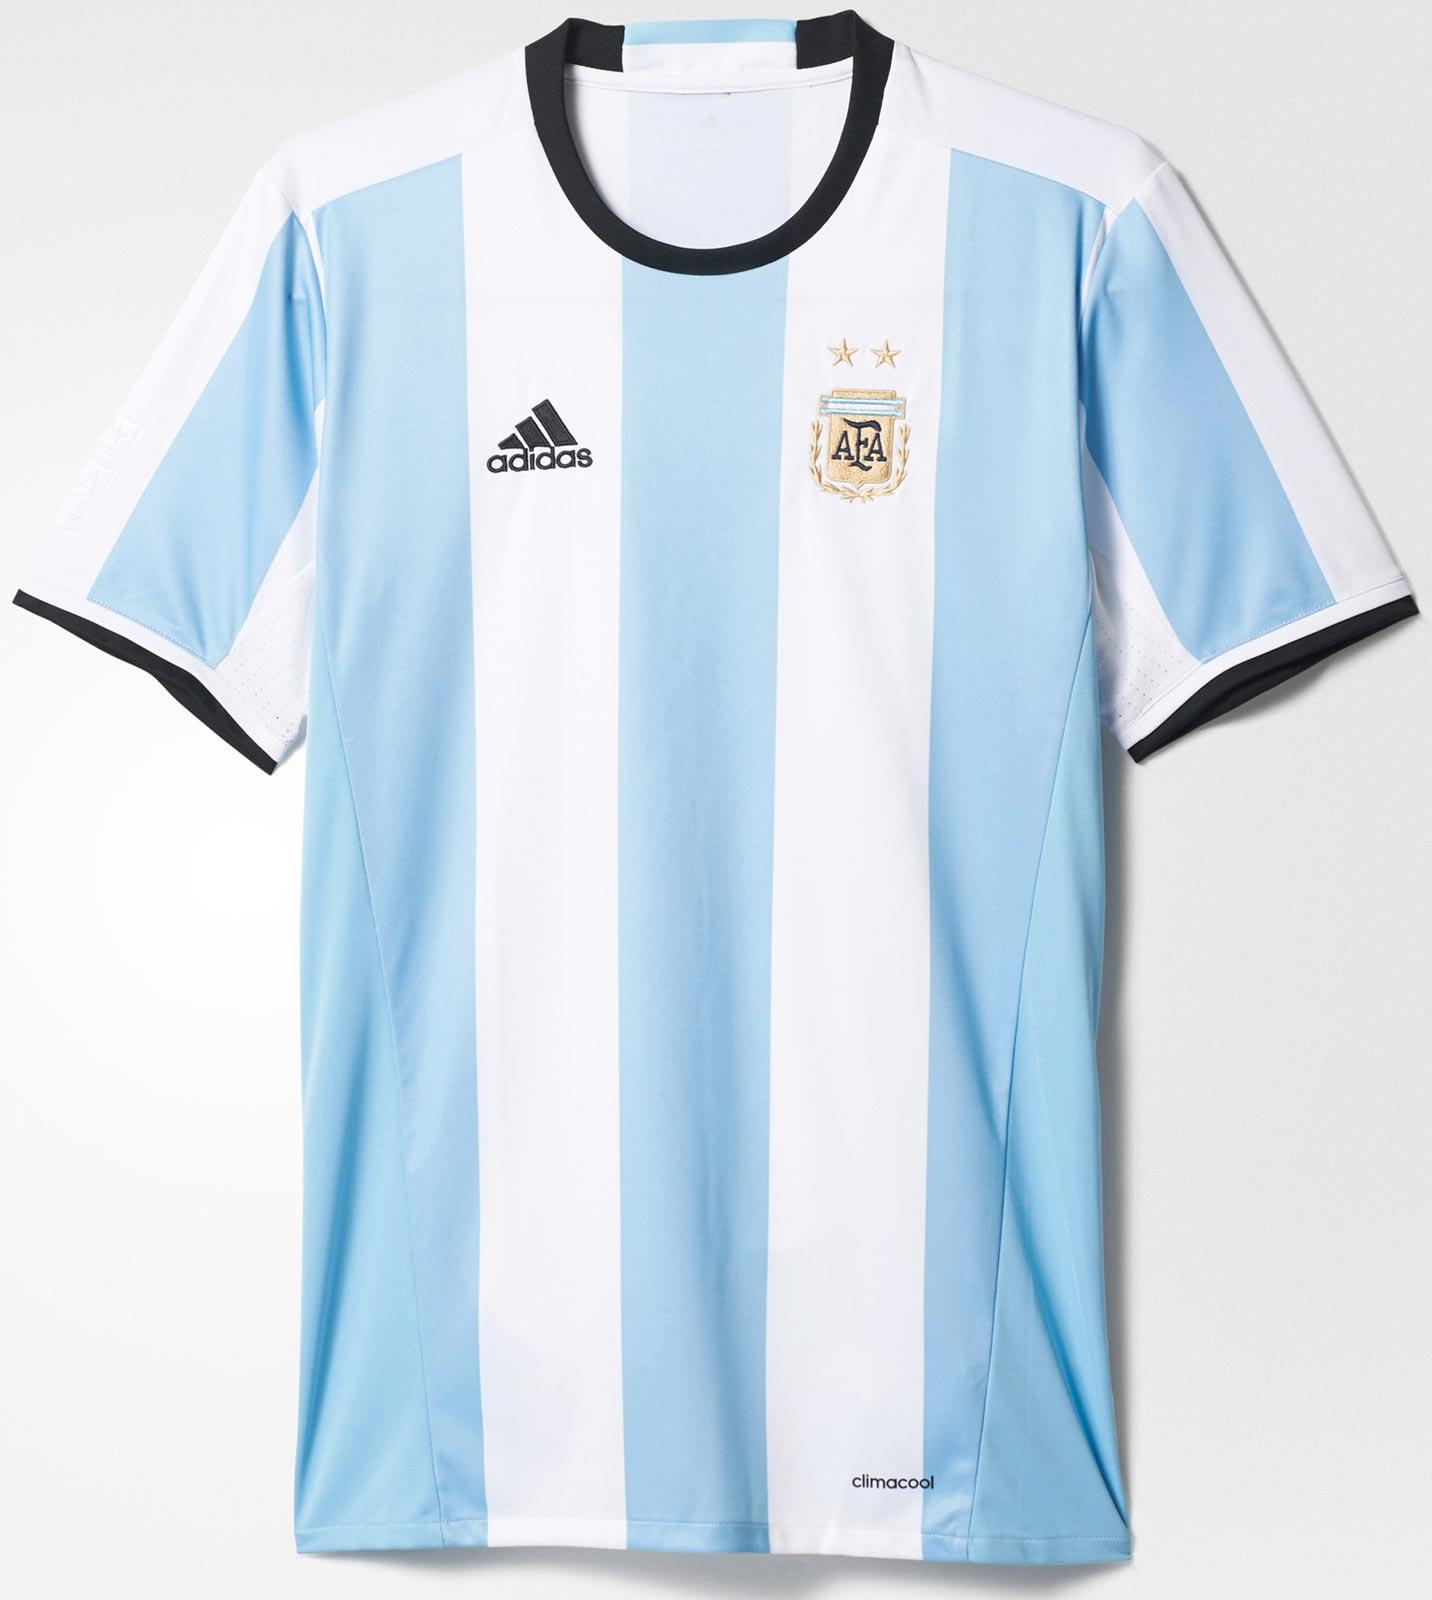 63242e01a9f59 Argentina Home/Source: Adidas